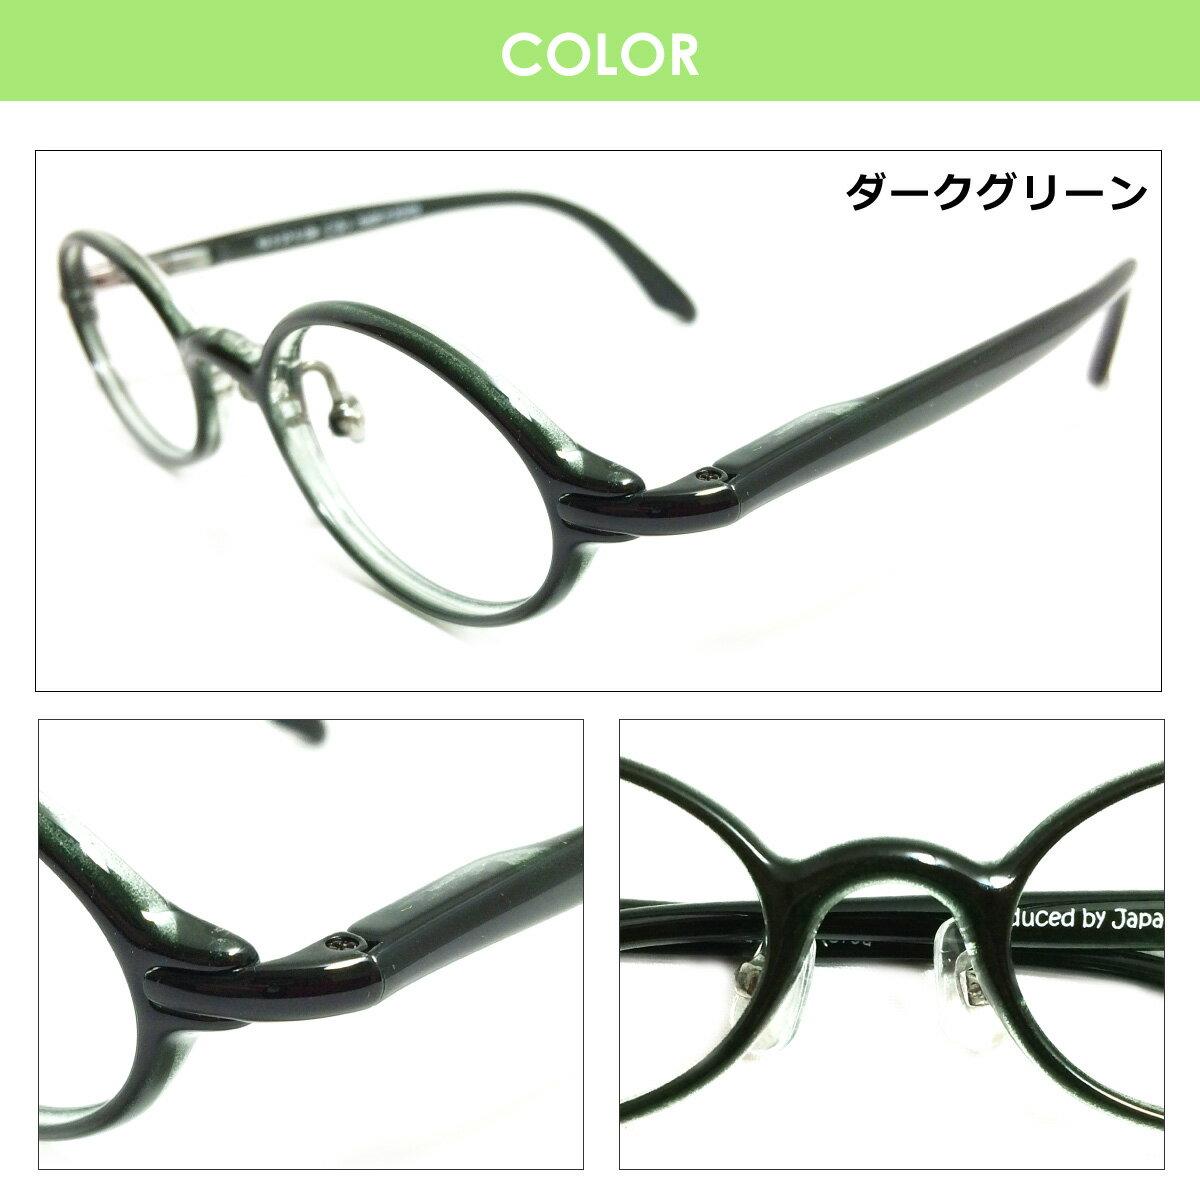 メガネ度付き キッズ 小顔 小さいサイズ 軽量フレーム メガネセットレディース メンズ 子供用 近視・遠視・乱視・老眼 PCメガネ度付きブルーライト対応(オプション)